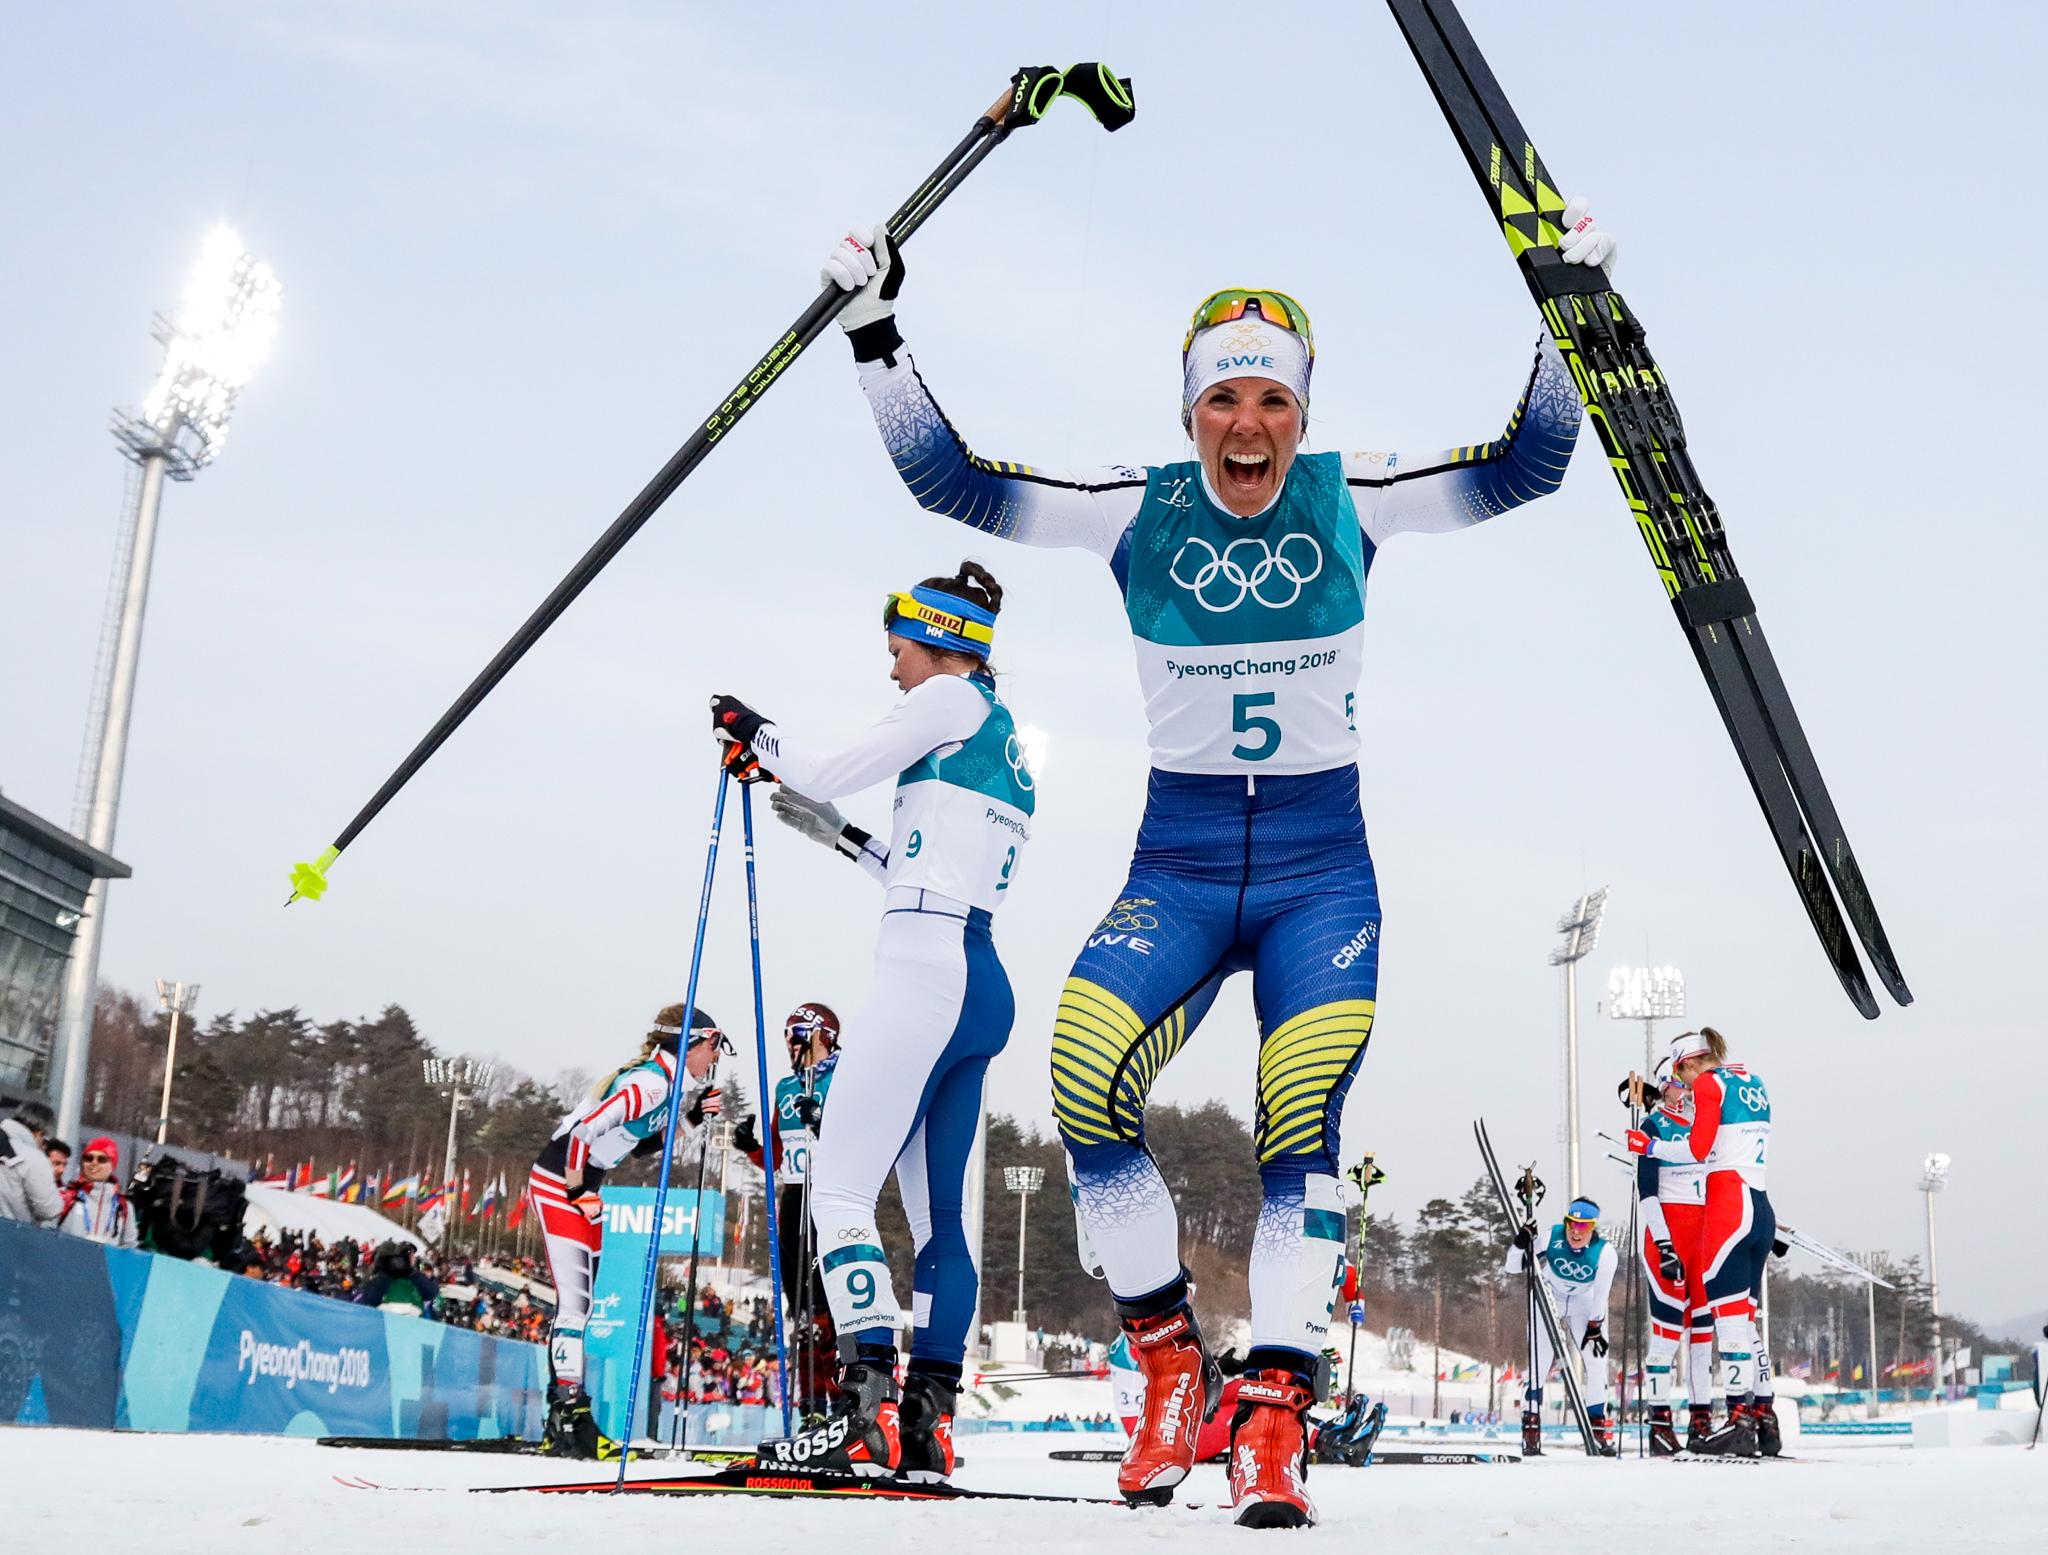 Mulher triunfante na neve segurando dois esquis (© Matthias Schrader/AP Images)